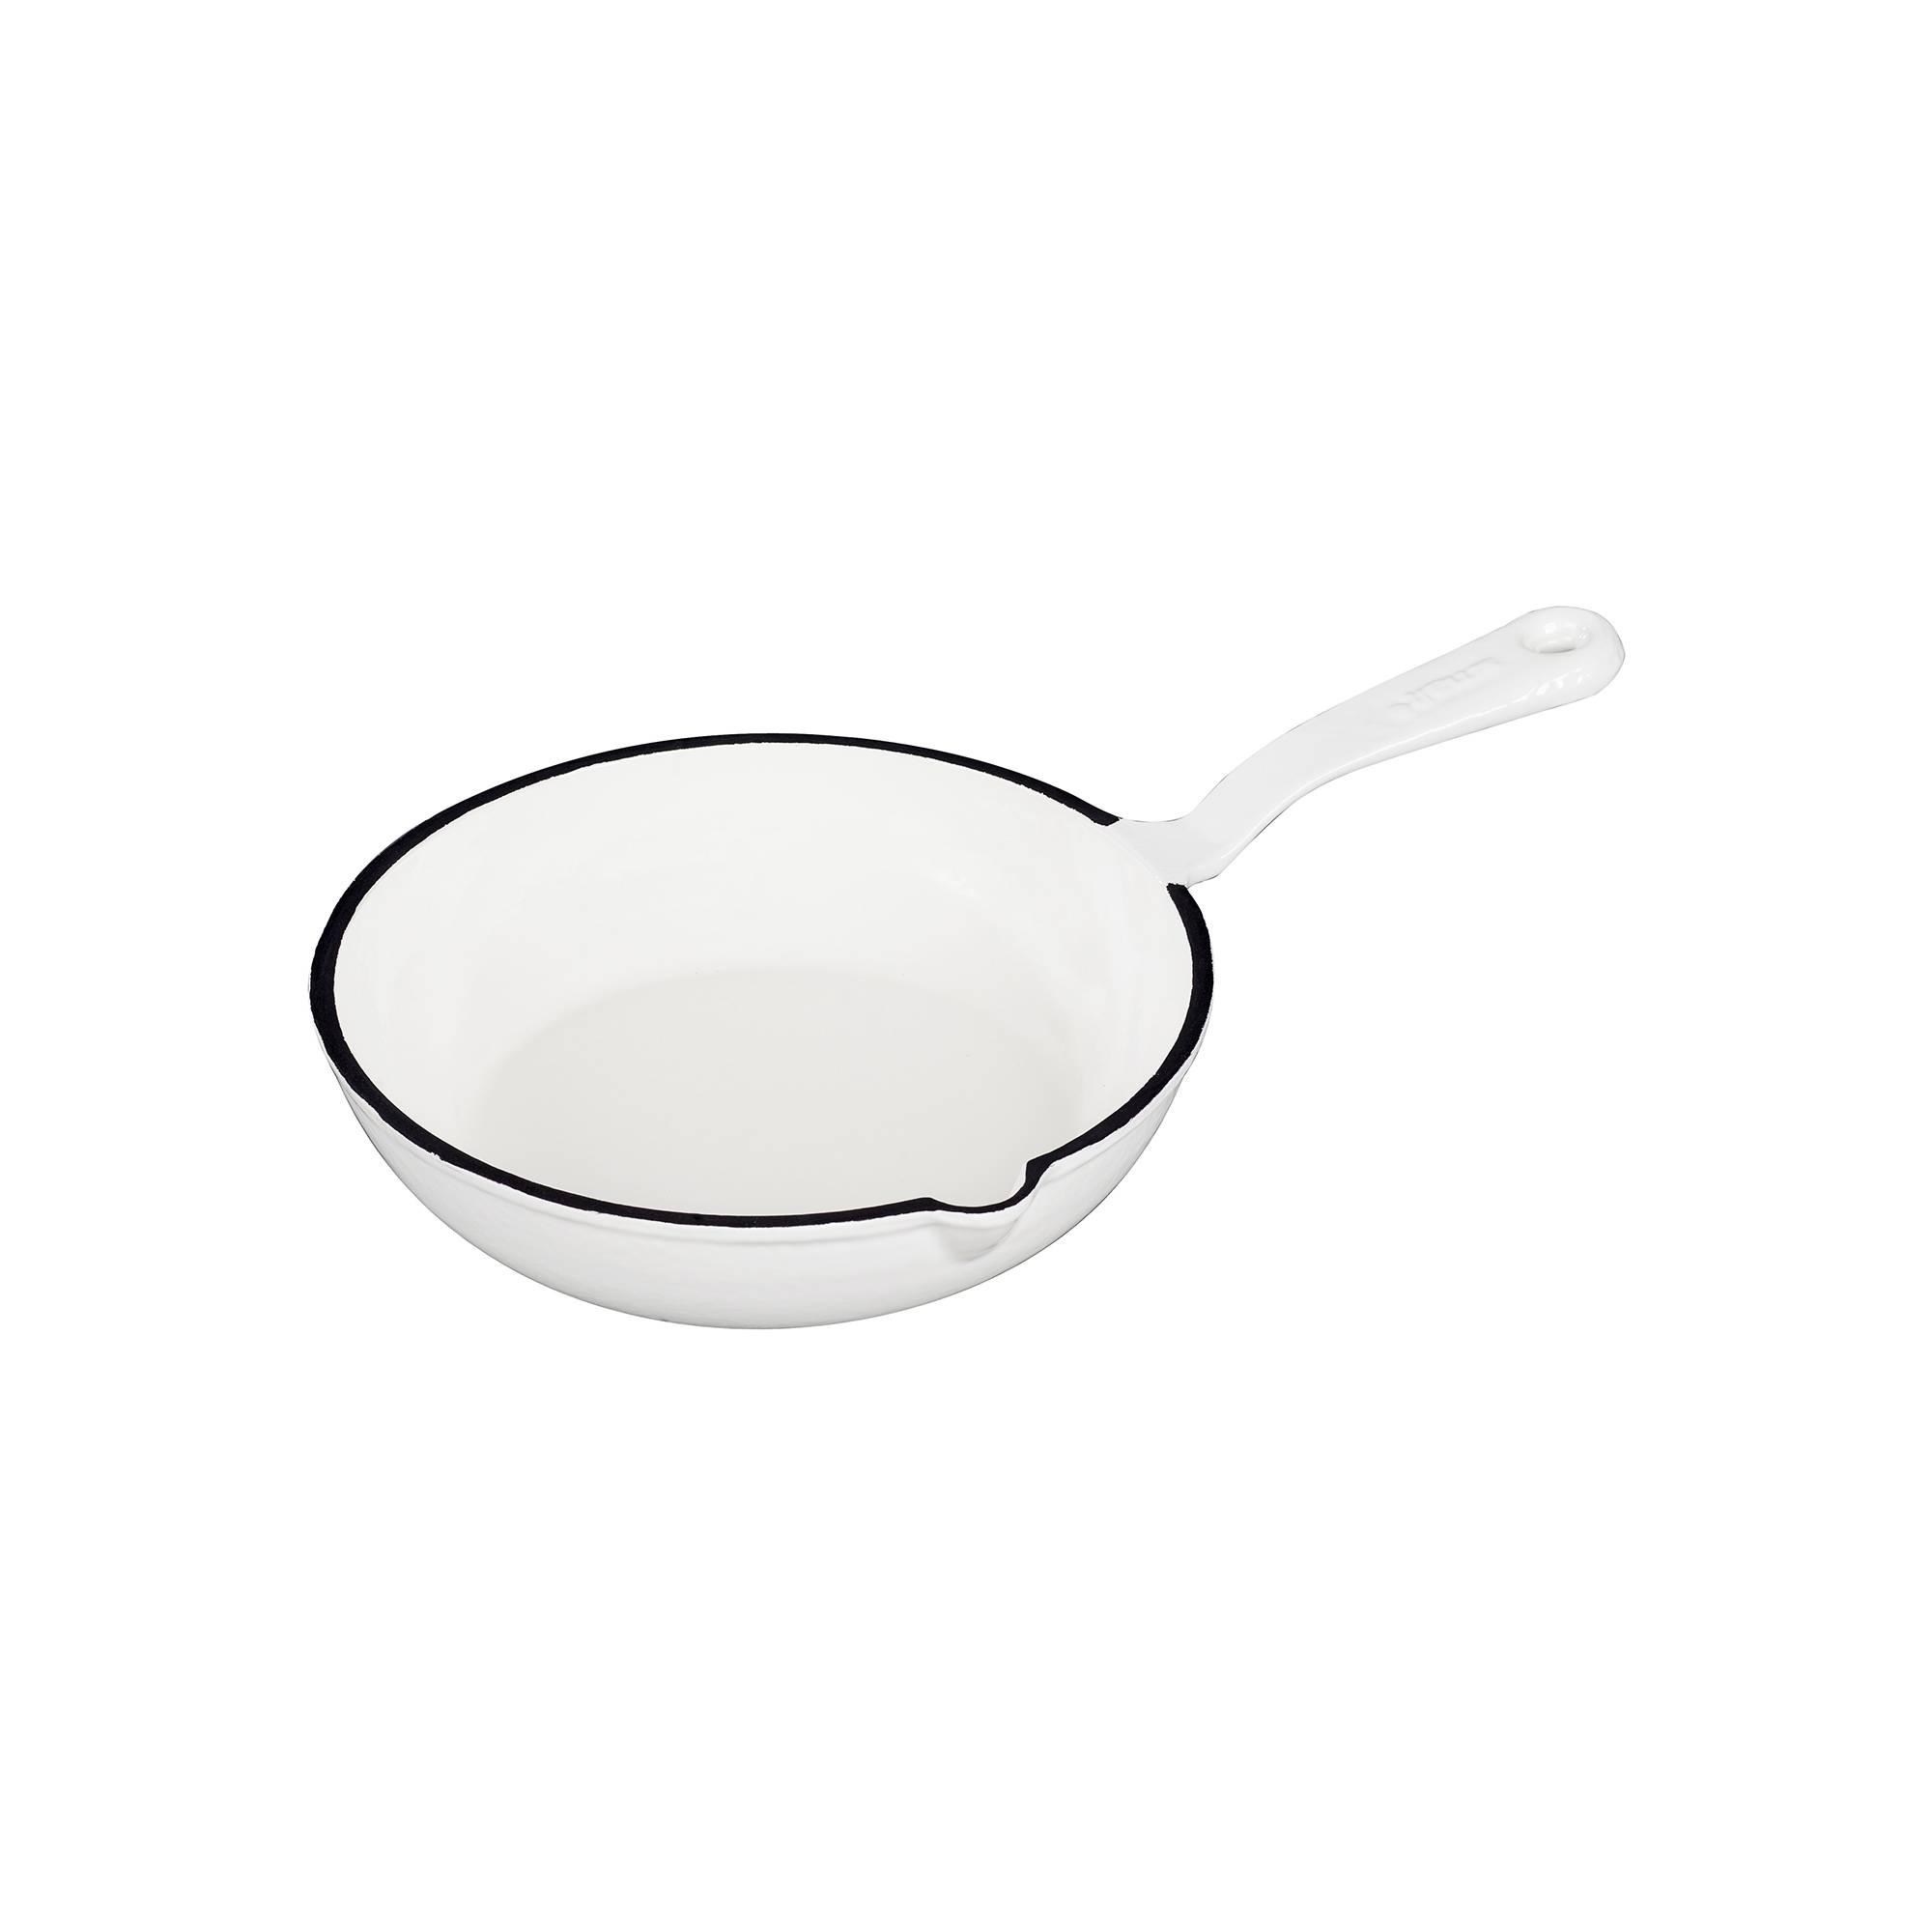 Smaltovaní pánvička litinová - bílá - Smalt